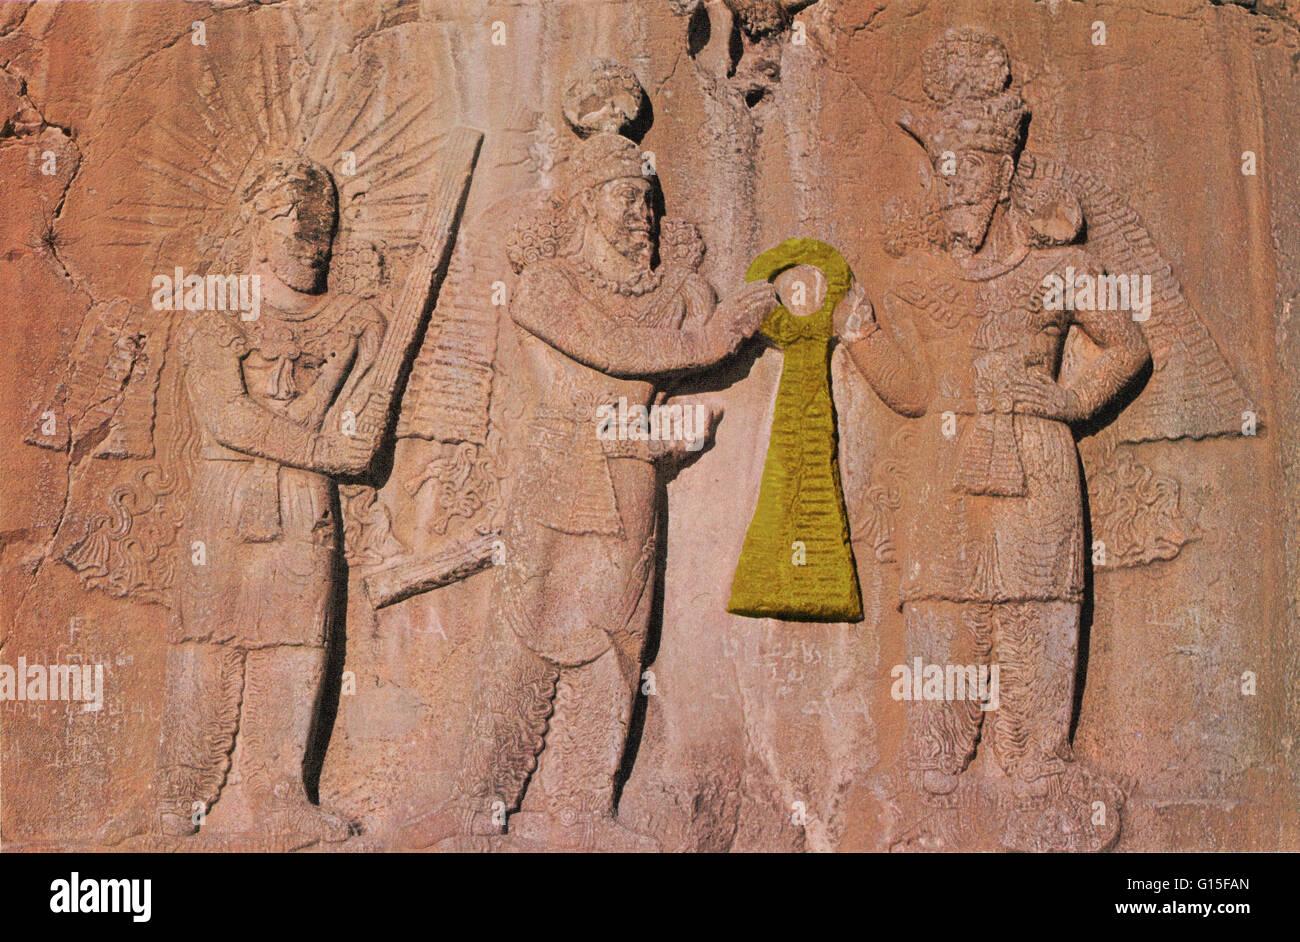 Ohrmazd, King Ardeshir II and Mithras. Ohrmazd (or Ahura Mazda) and Mithras flank the Persian king Ardeshir II. - Stock Image